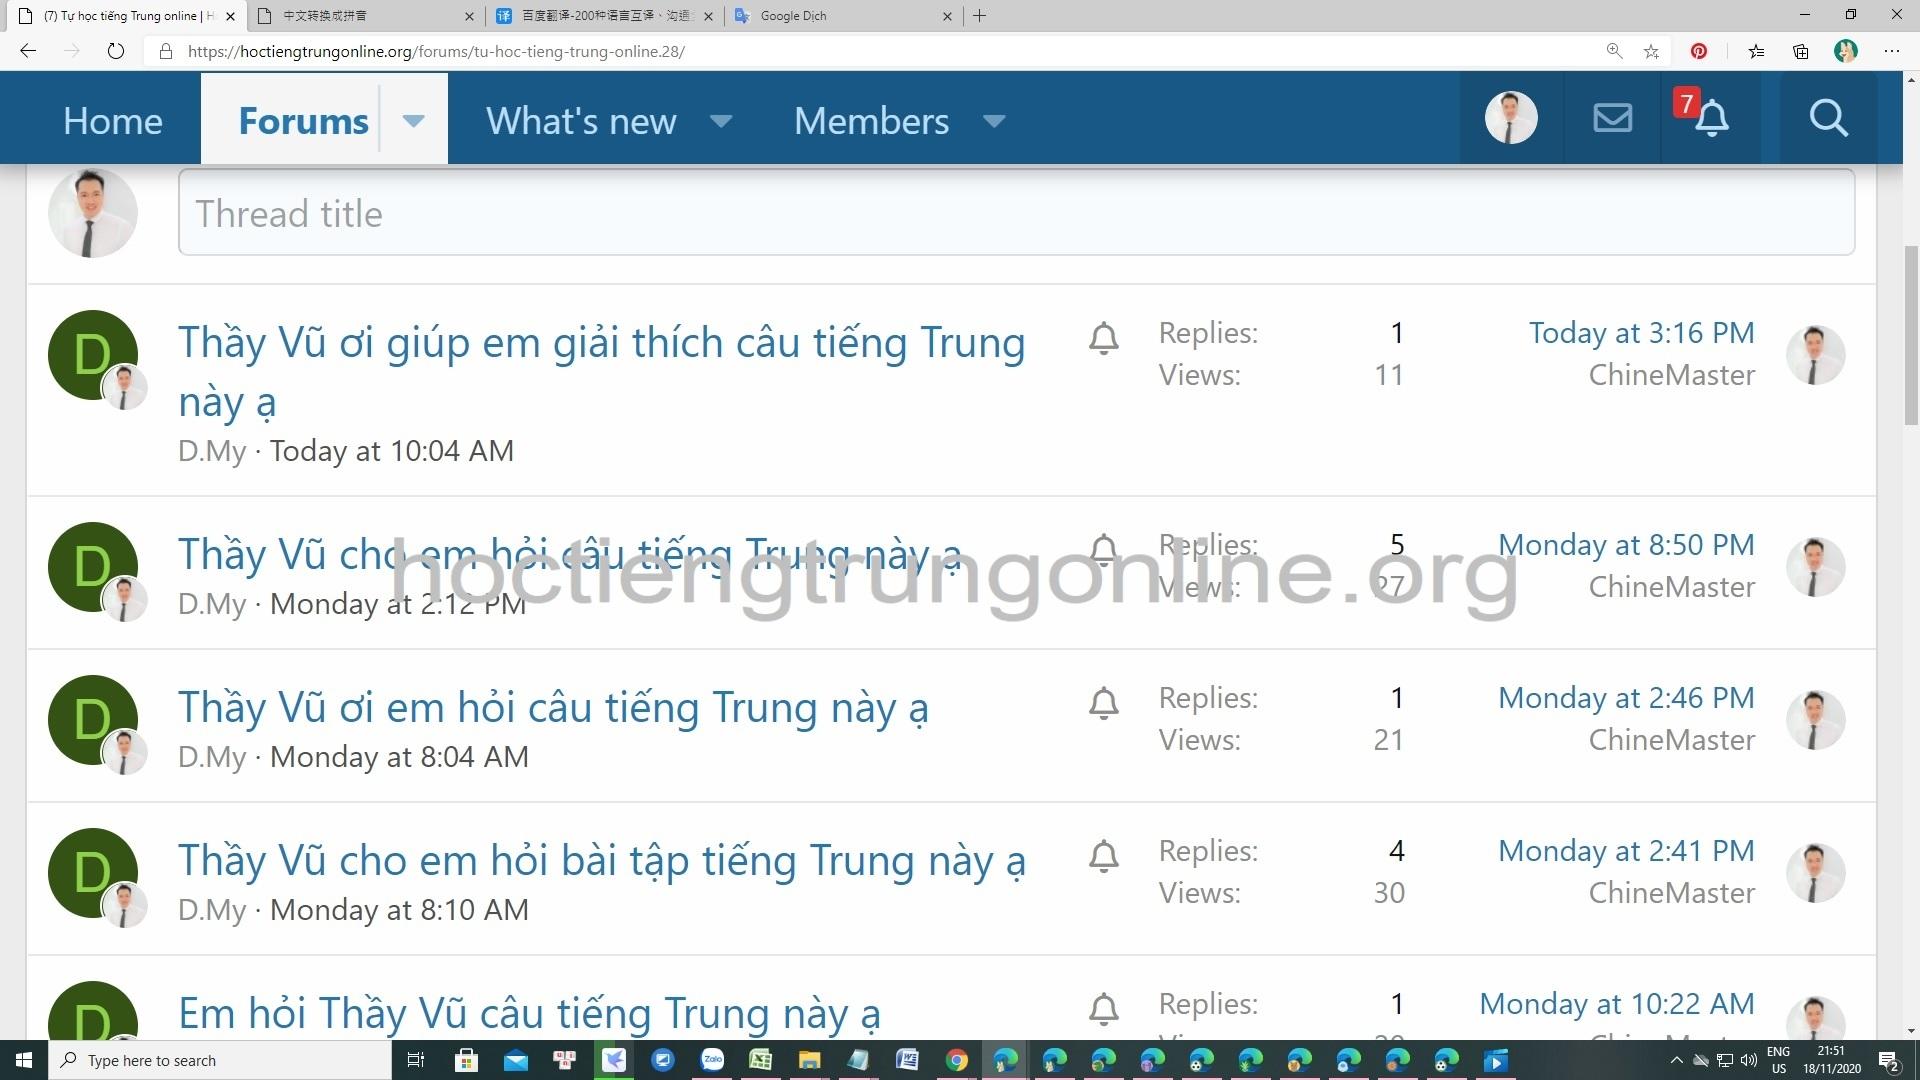 Diễn đàn học tiếng Trung HSK ChineMaster liên tục giải đáp rất nhiều câu hỏi của thành viên